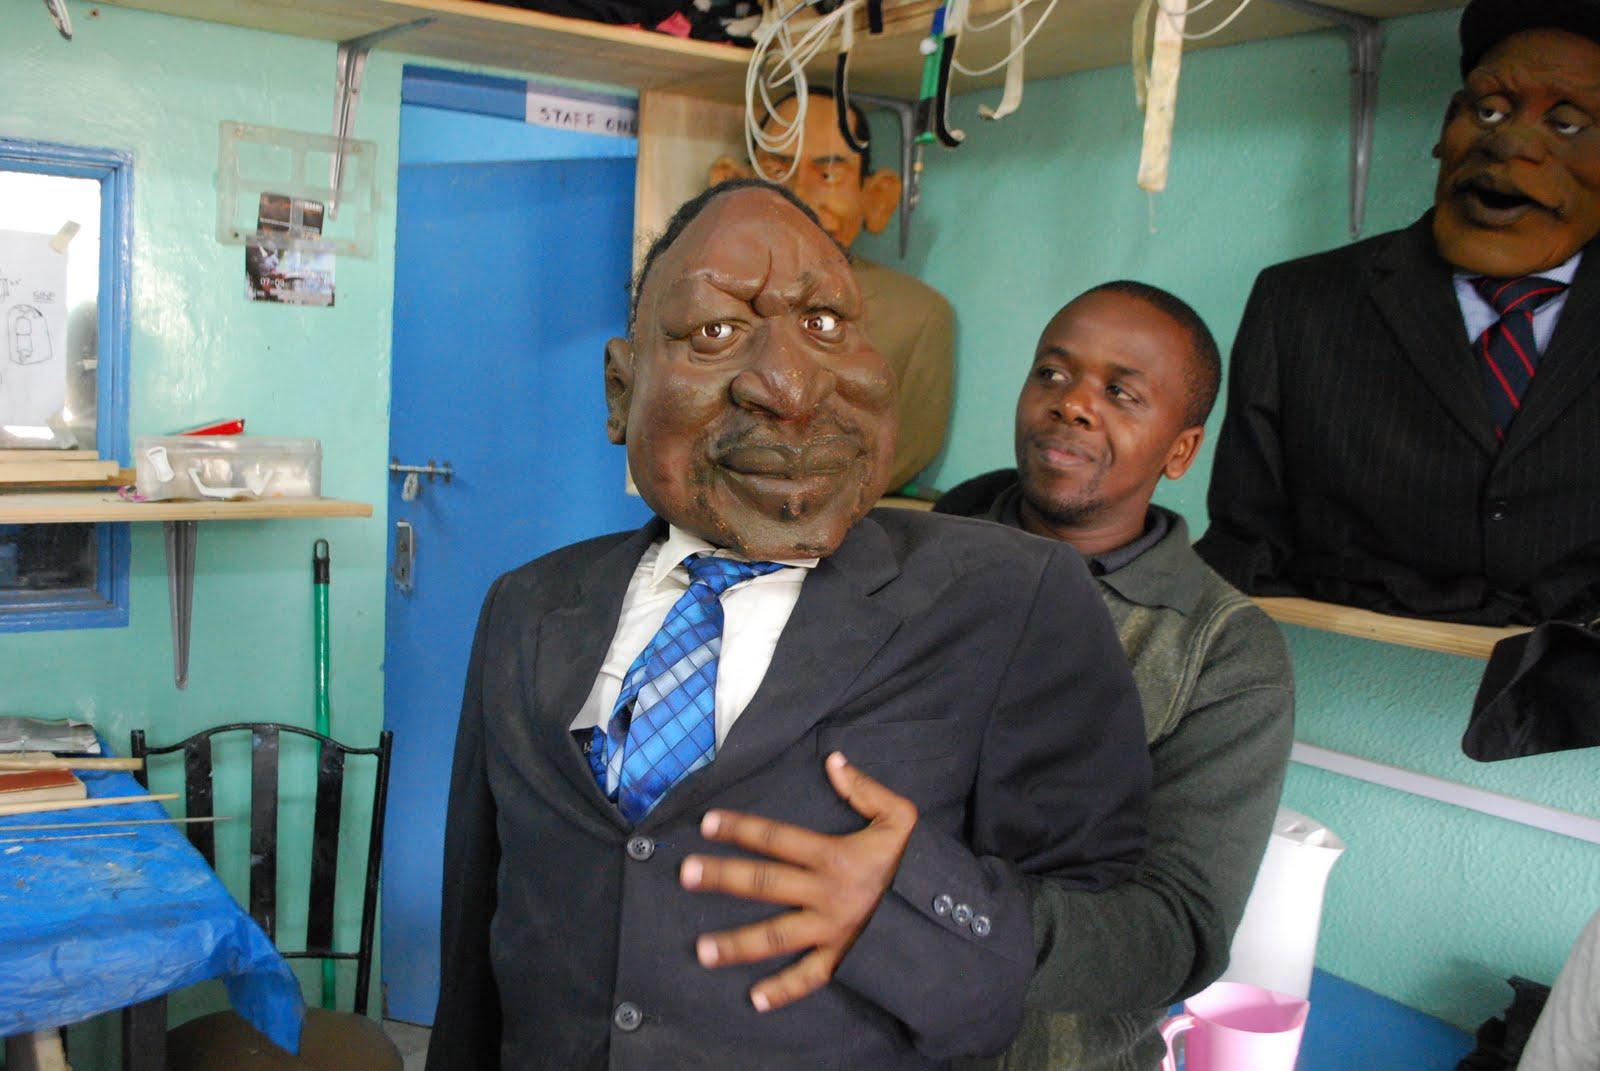 Verden Ifolge Gry Politisk Satire Pa Kenyansk